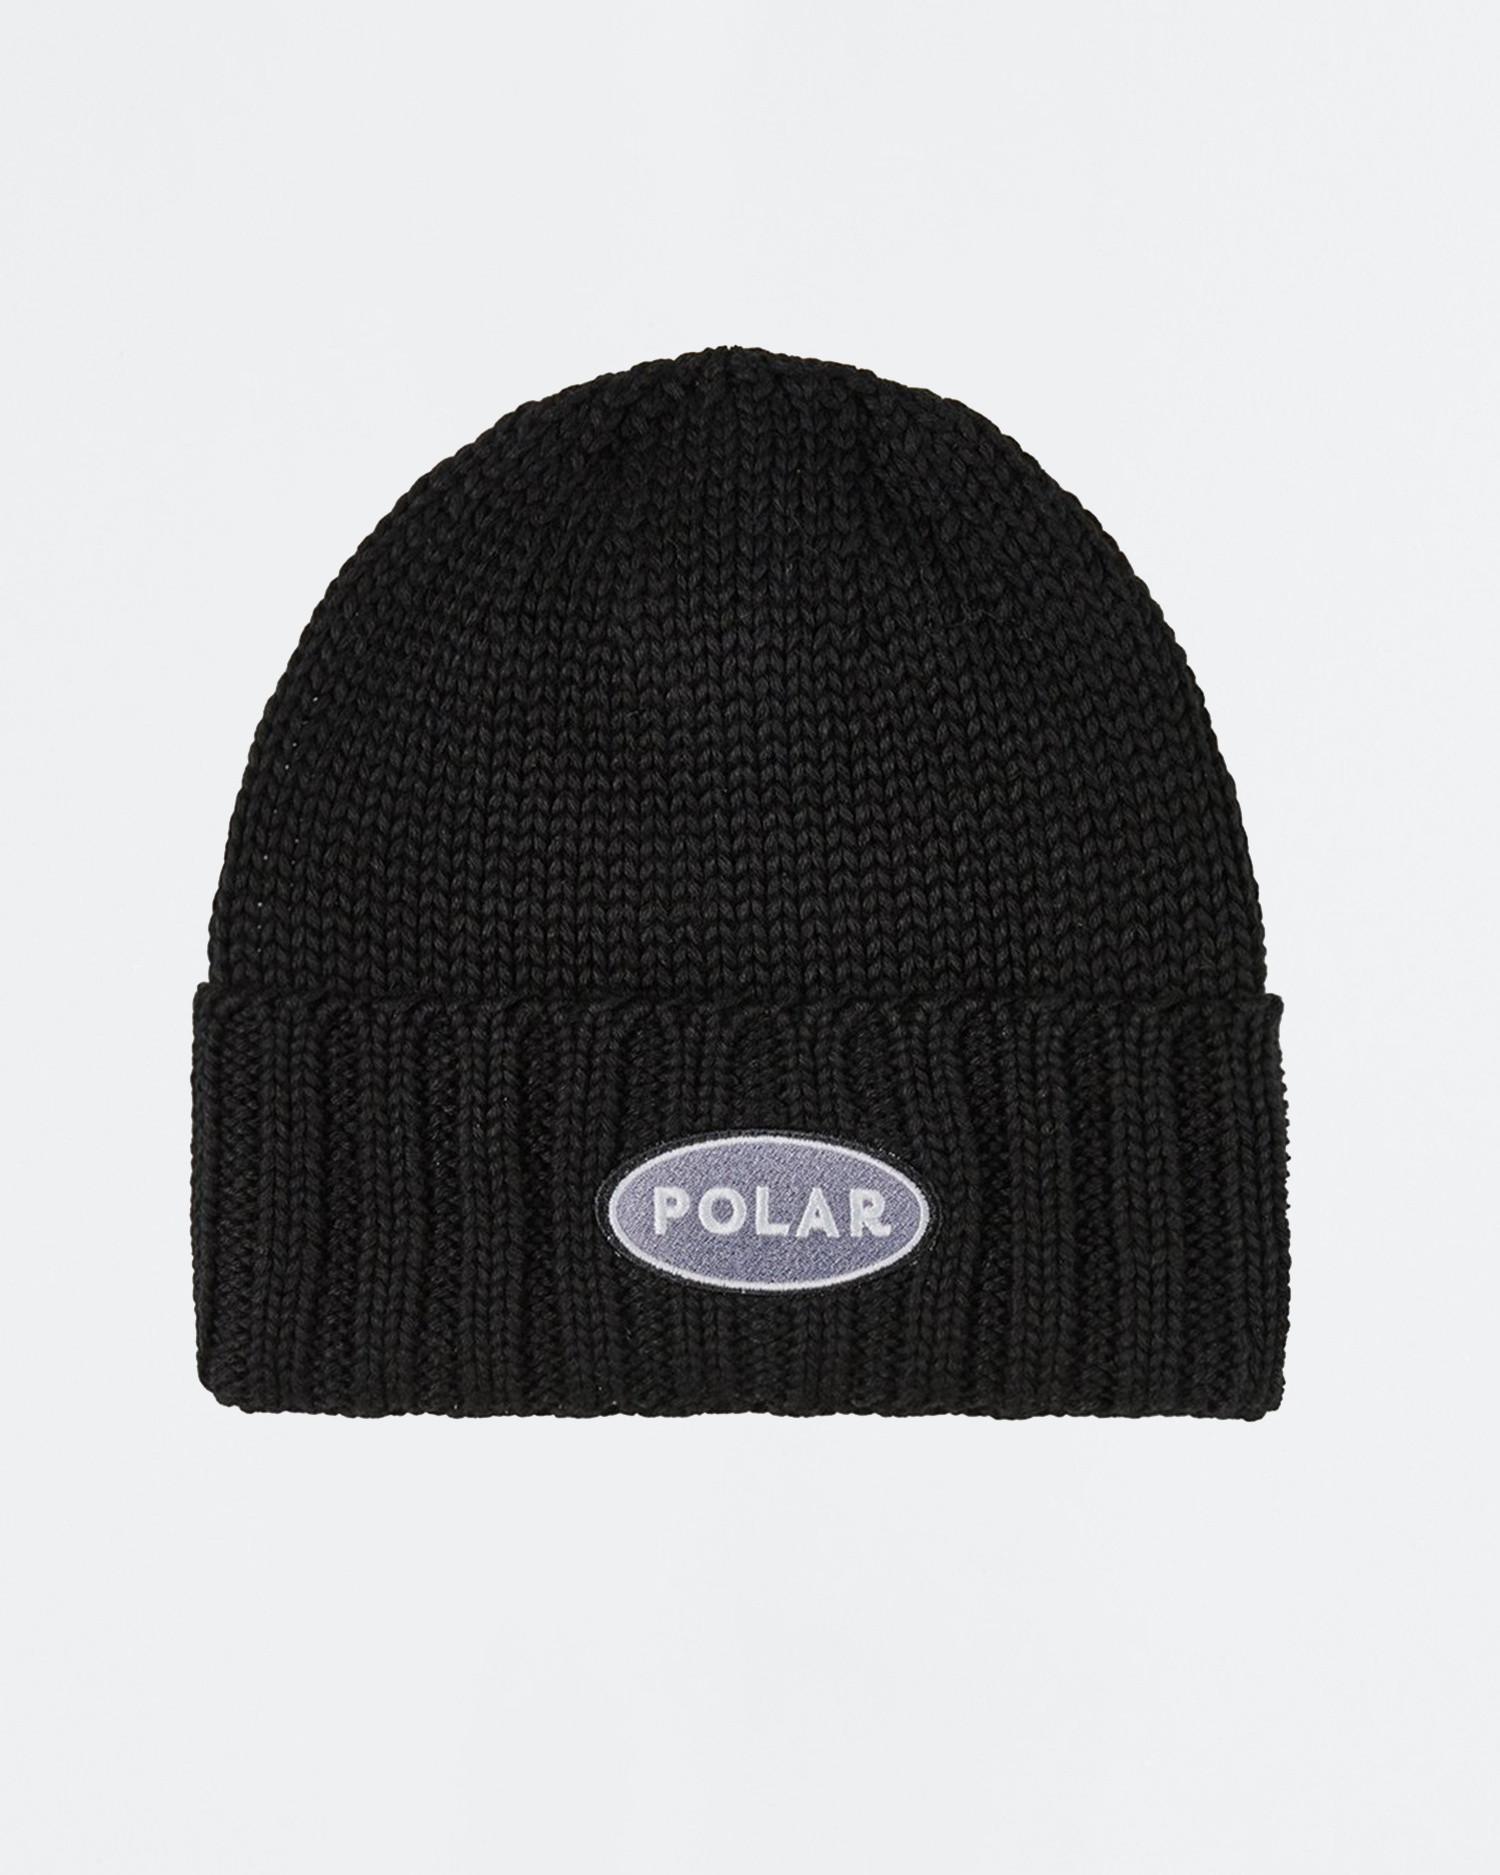 Polar Patch Beanie Black